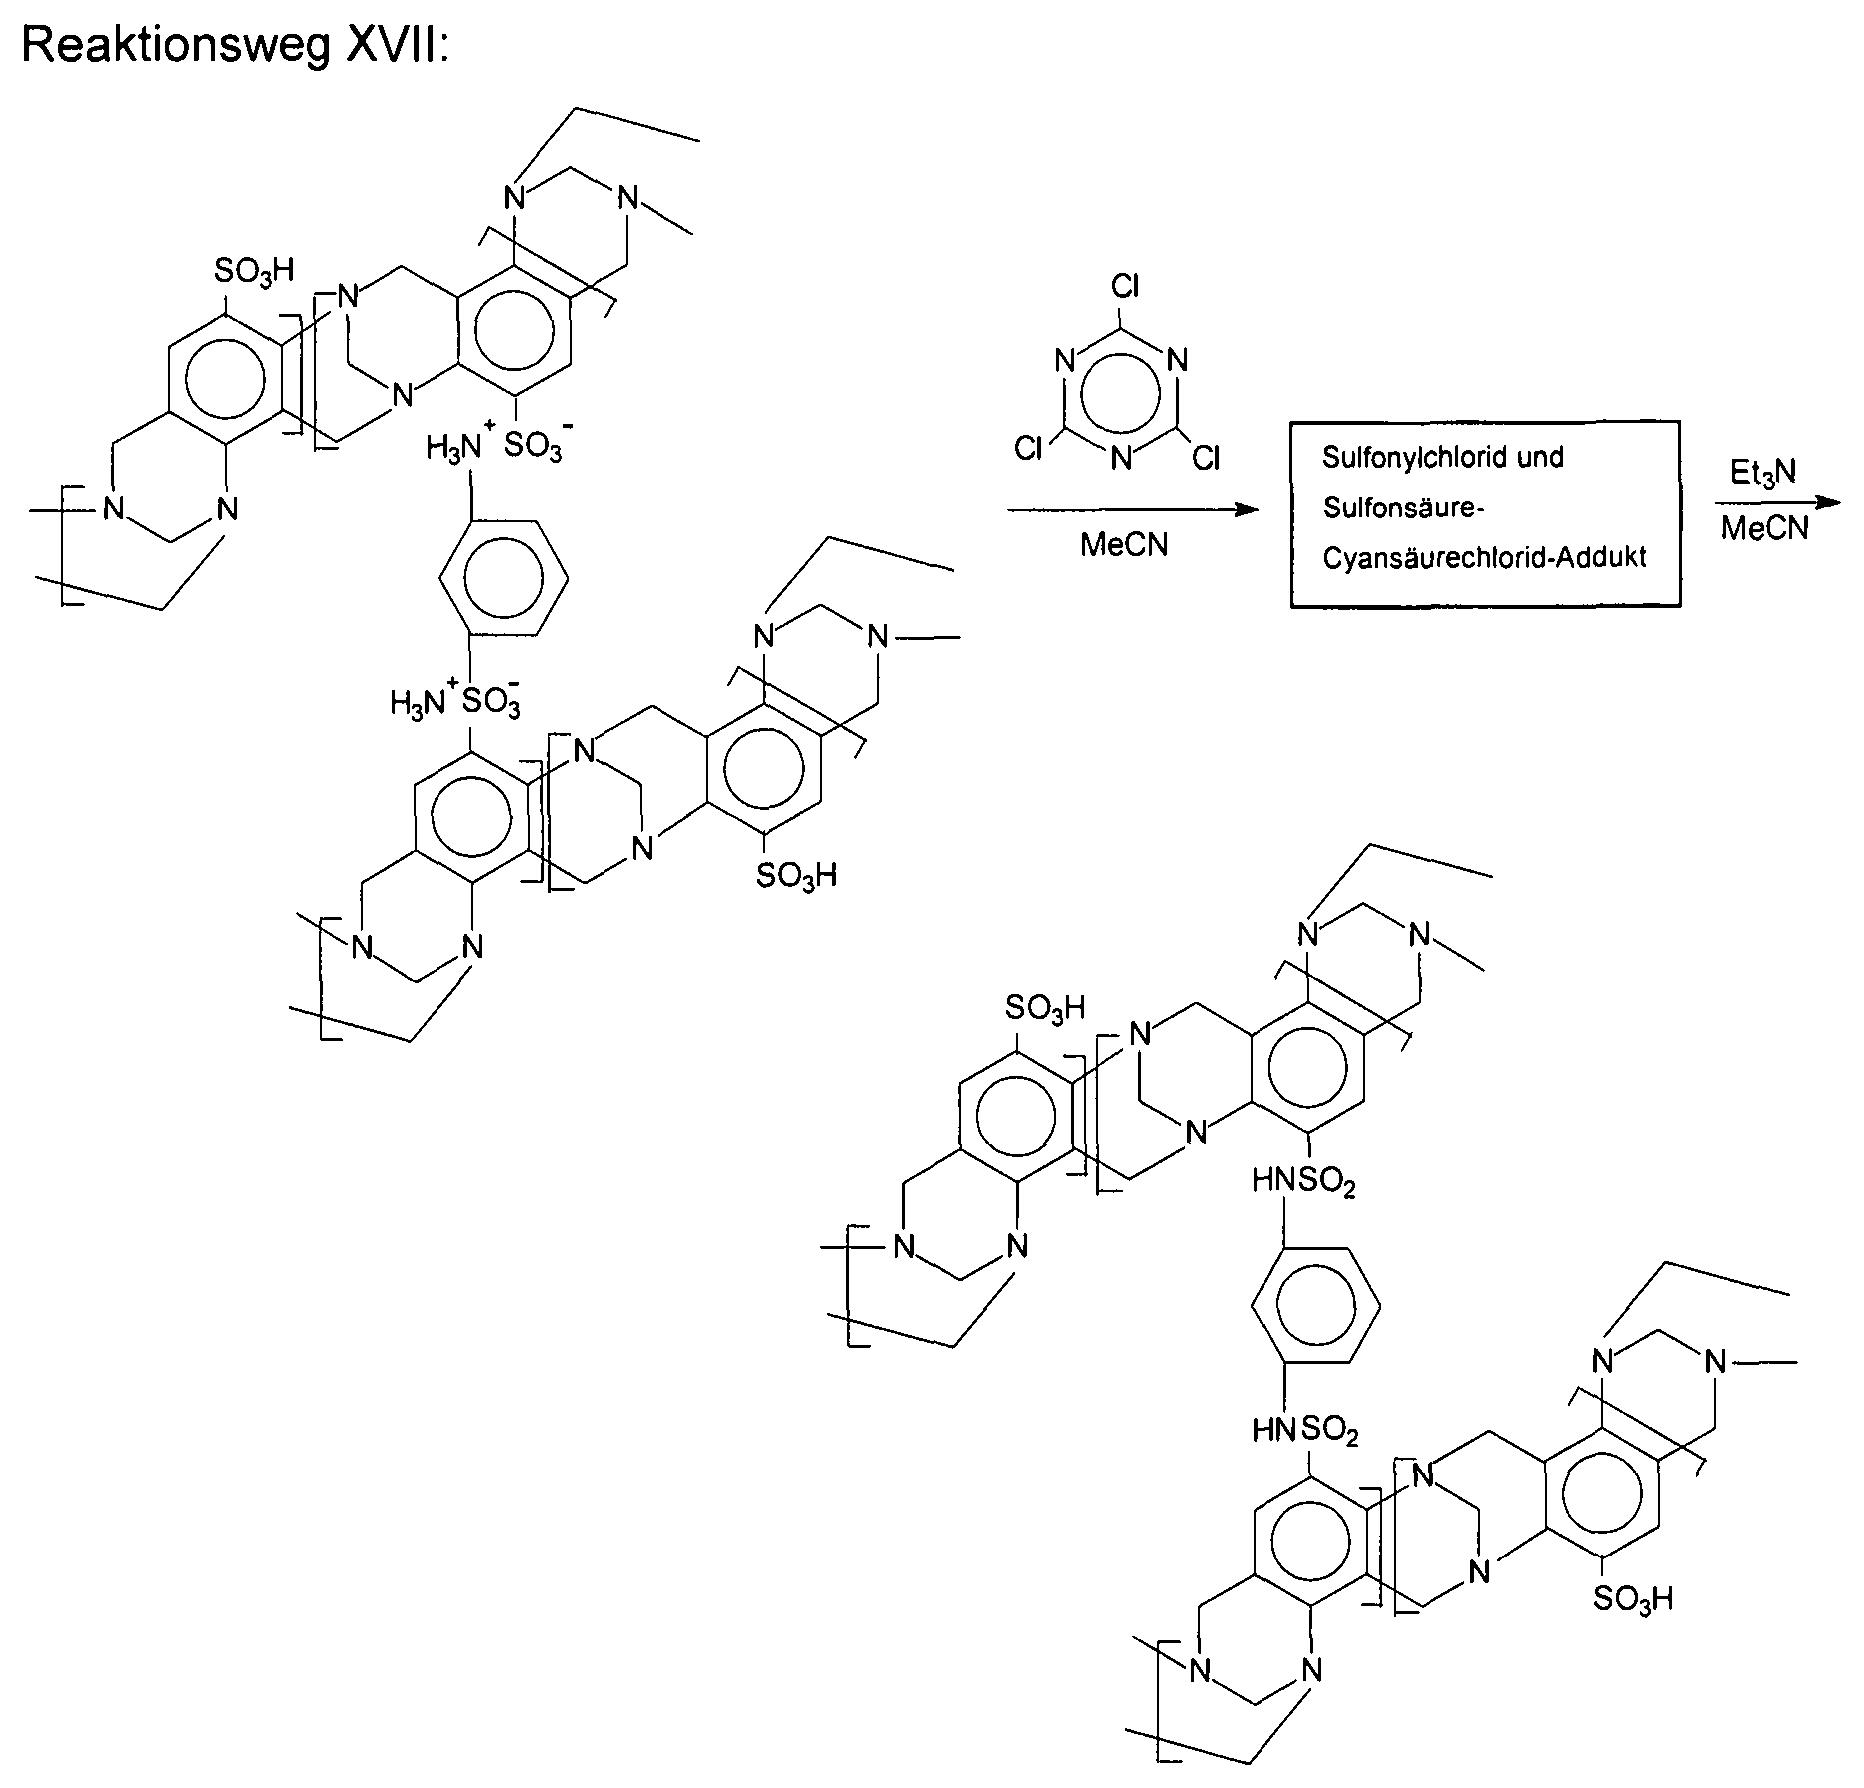 Figure DE112016005378T5_0038